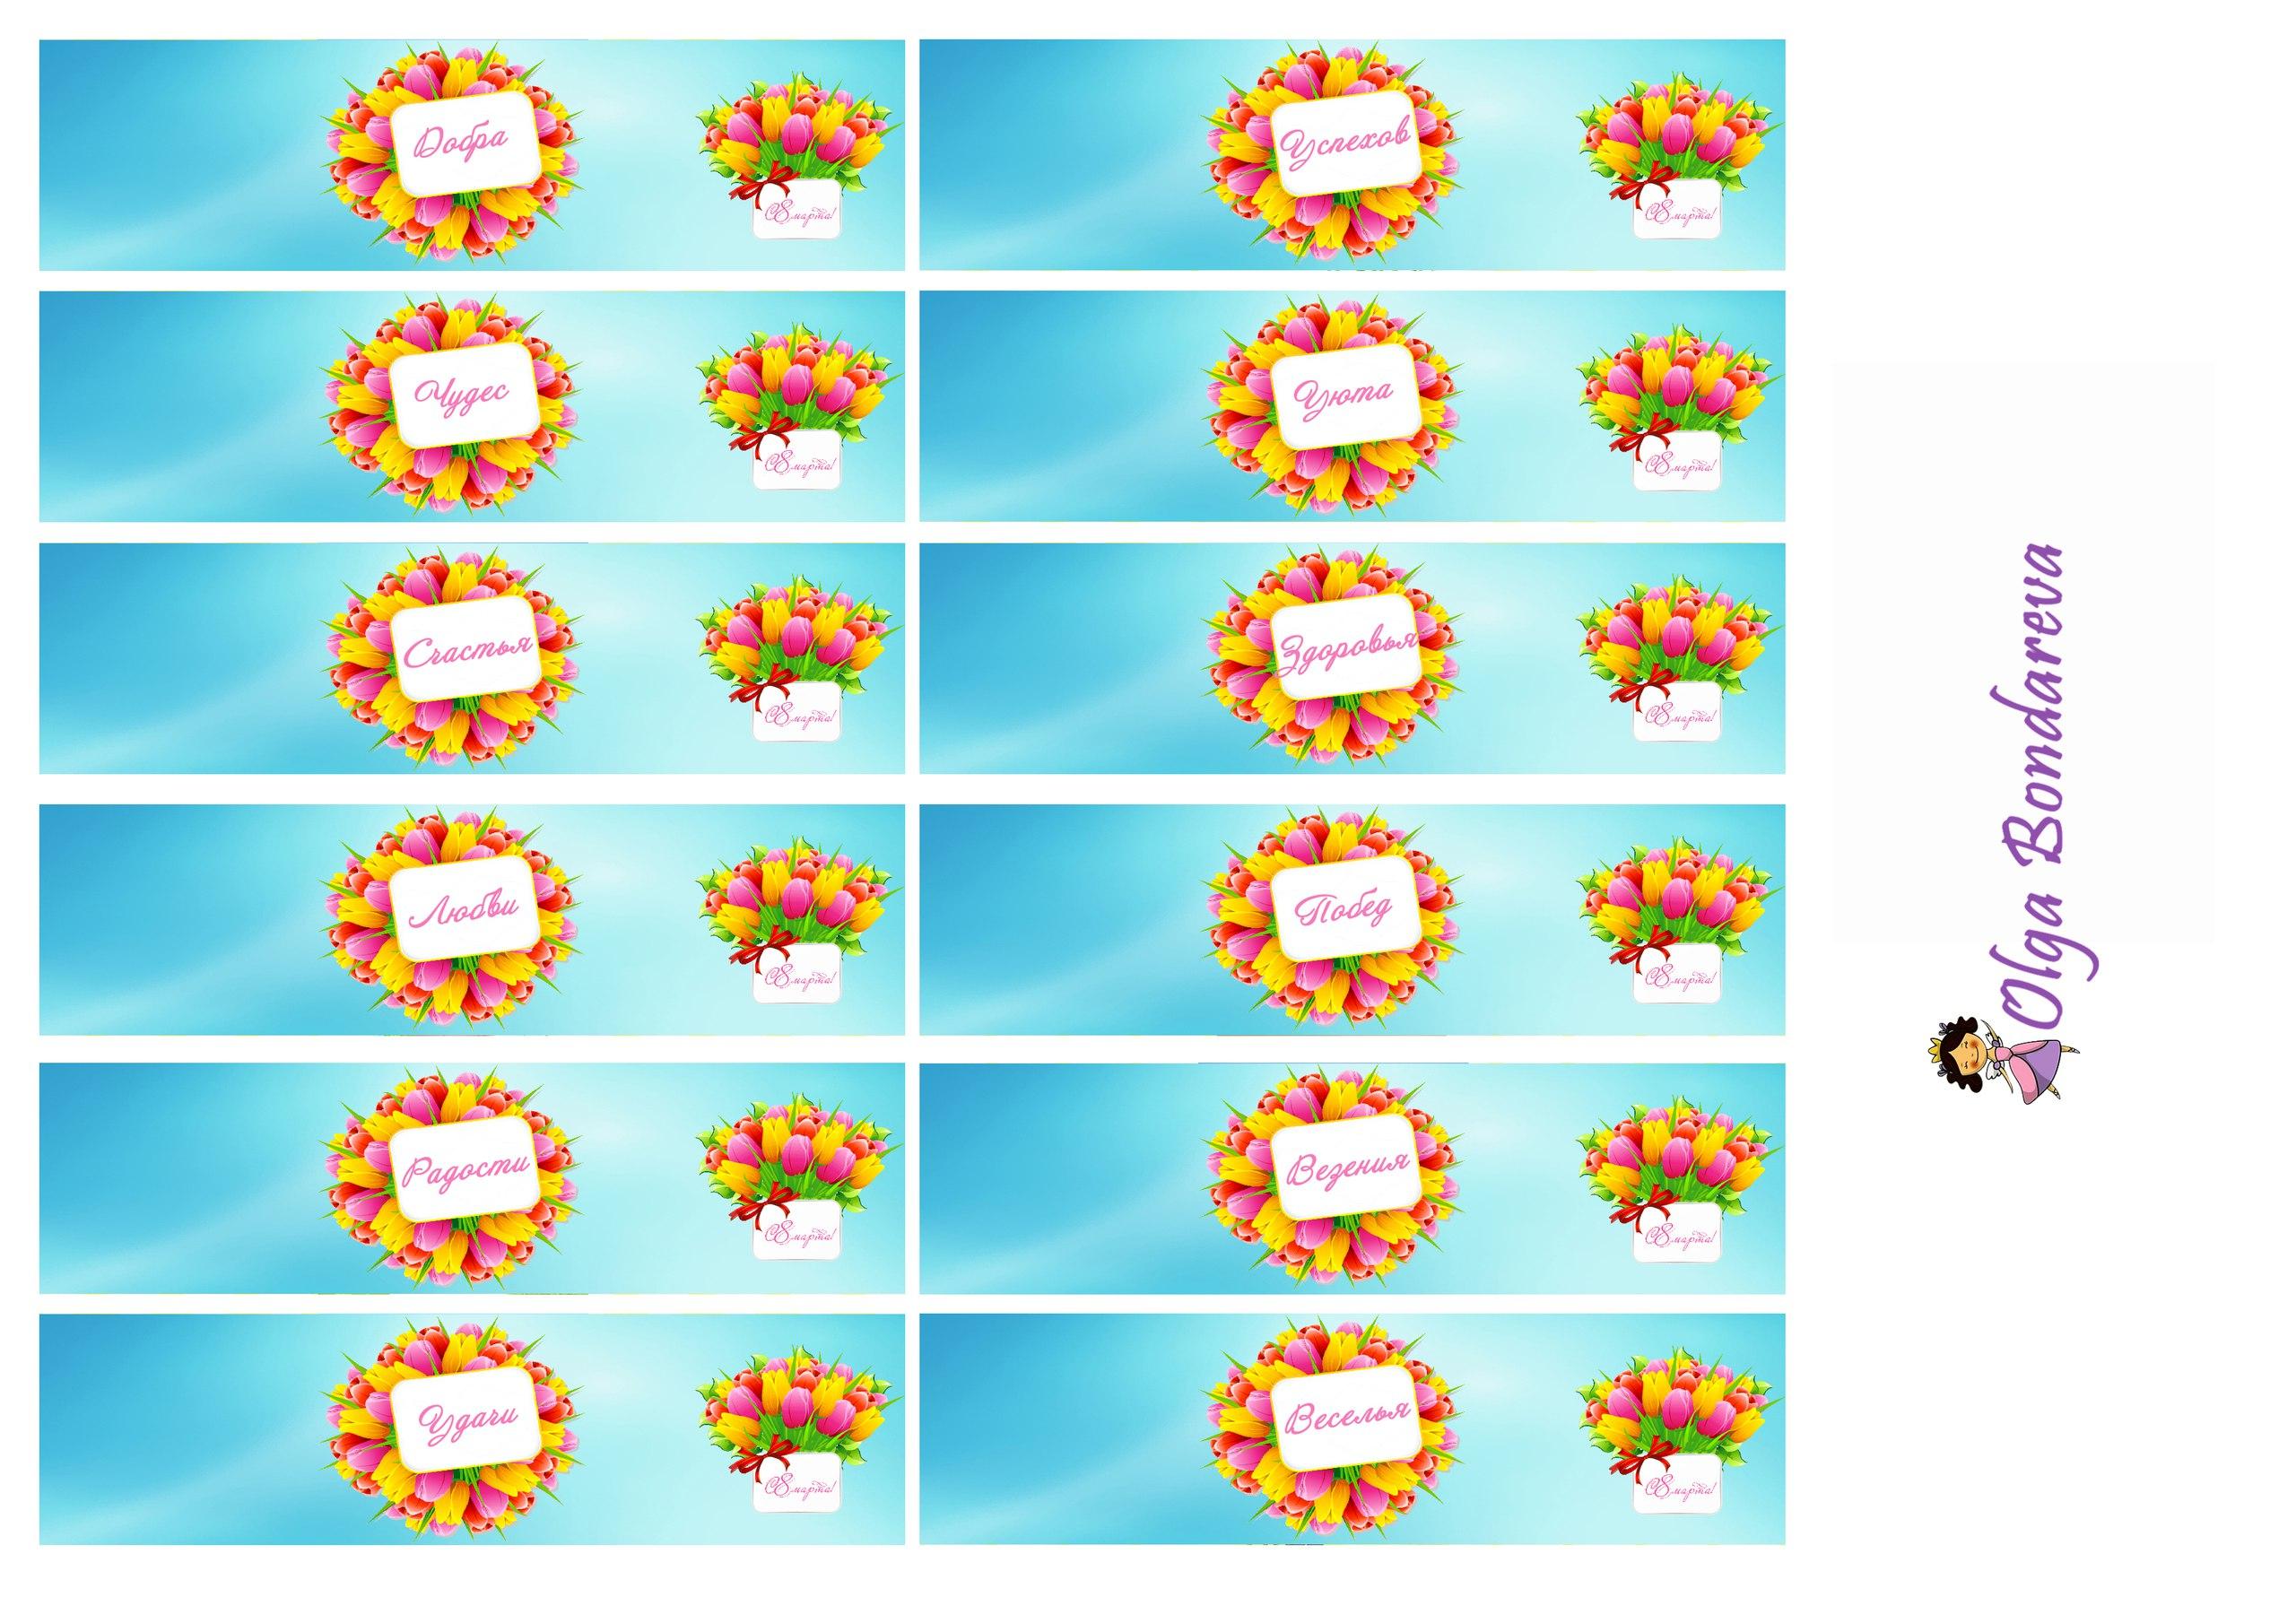 Шаблоны фантиков для конфет птичье молоко к 8 марта